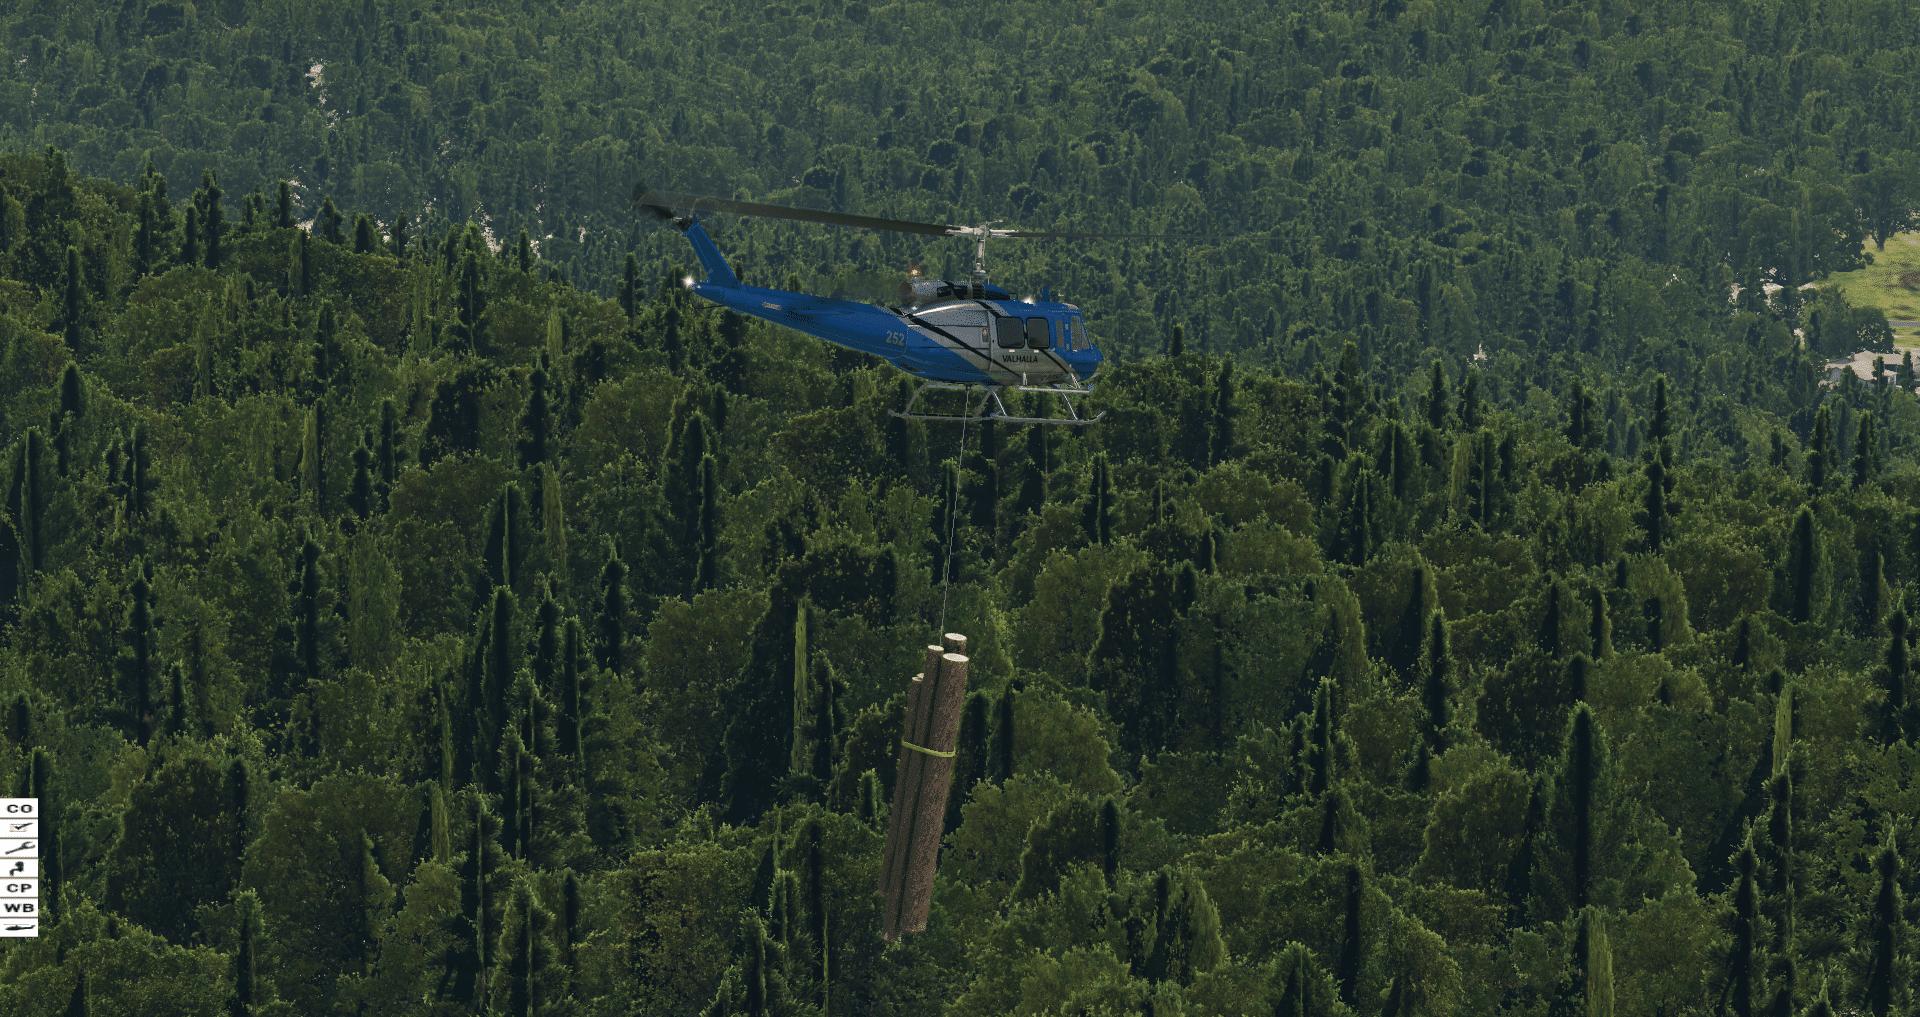 Nimbus UH-1 Civilian_high - 2021-06-27 11.39.09 p.m.